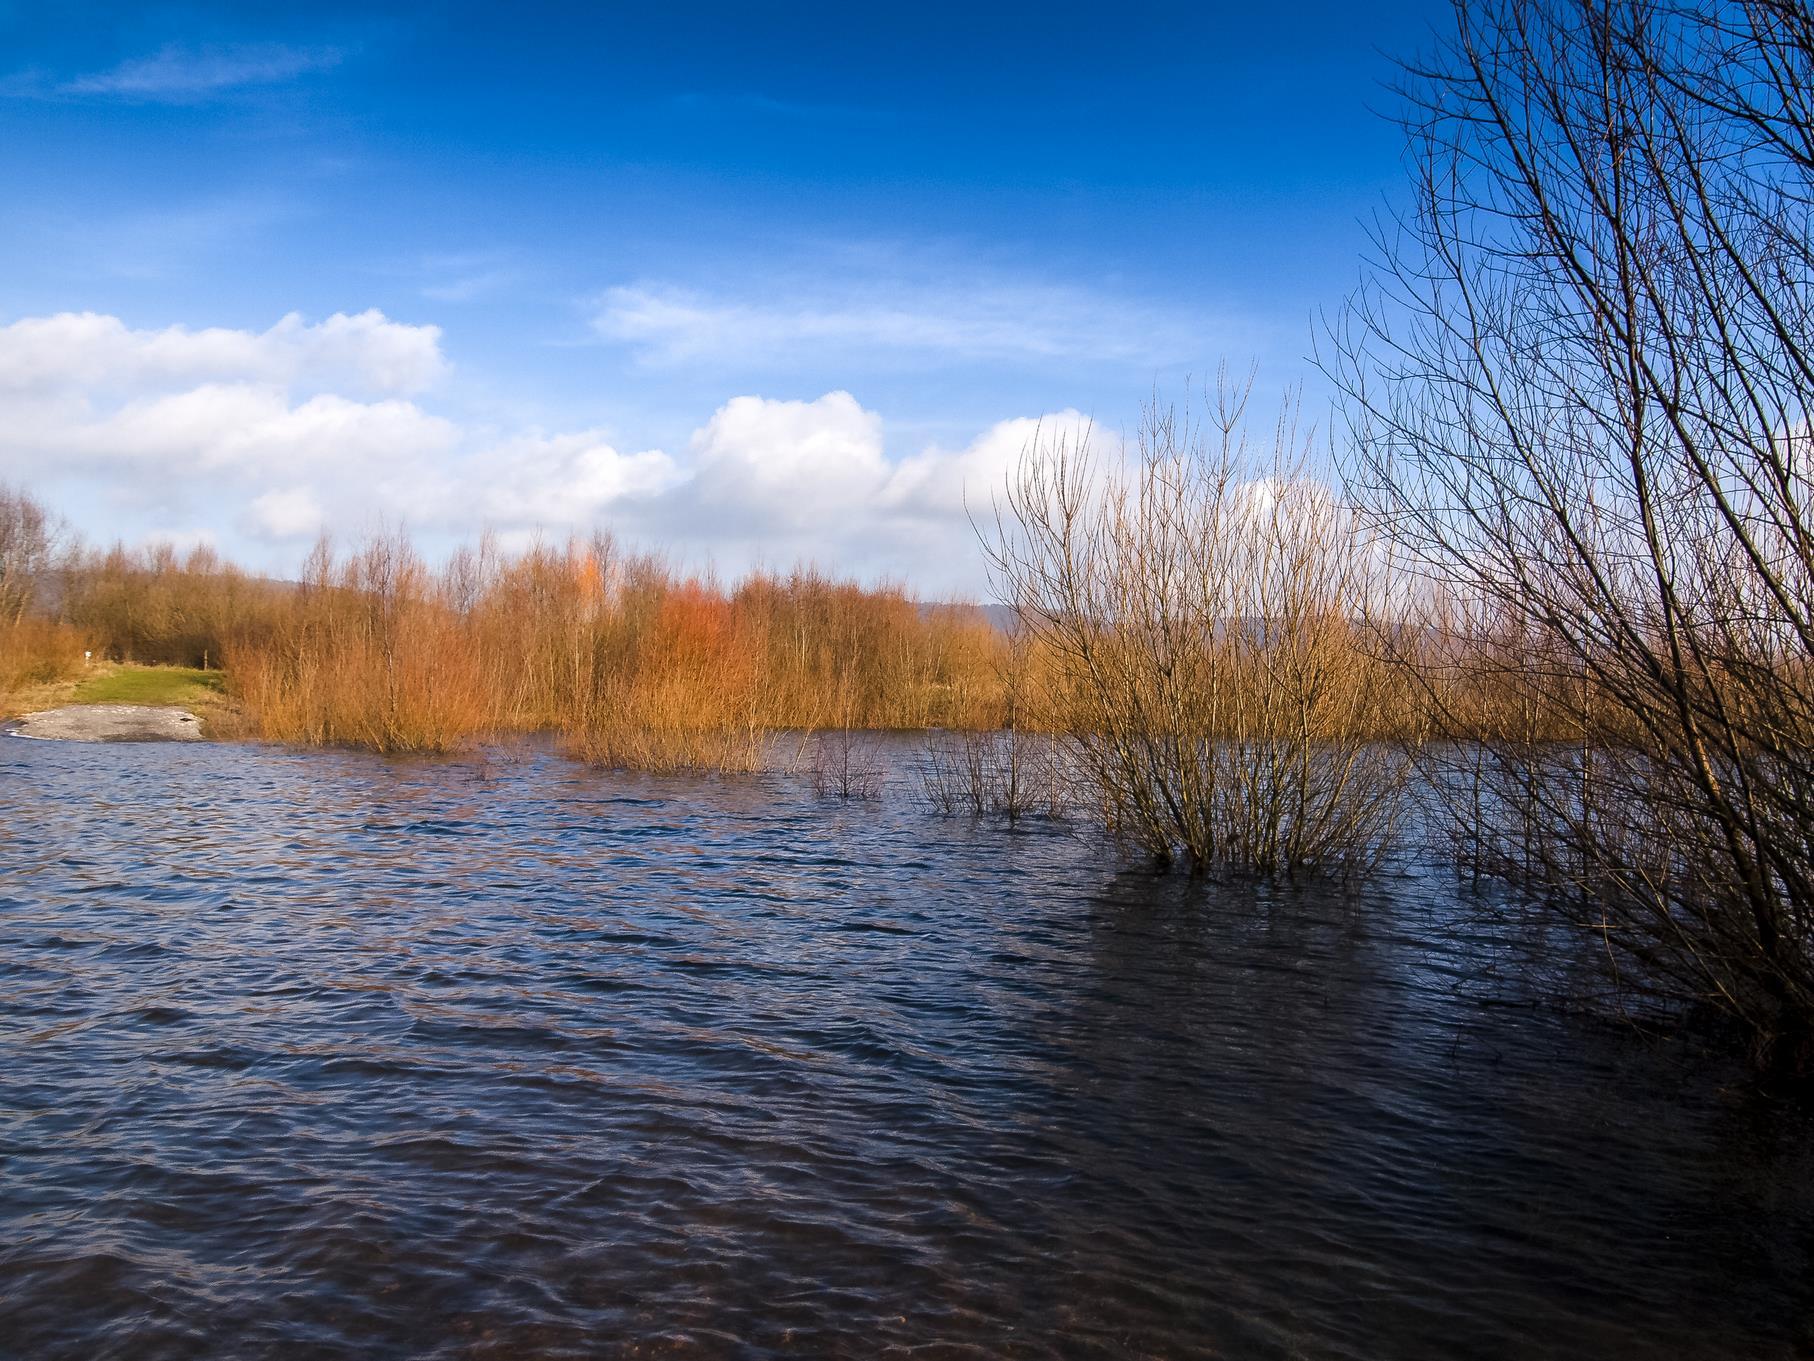 Der Rundweg und die Weiden stehen zu einem Großteil unter Wasser.